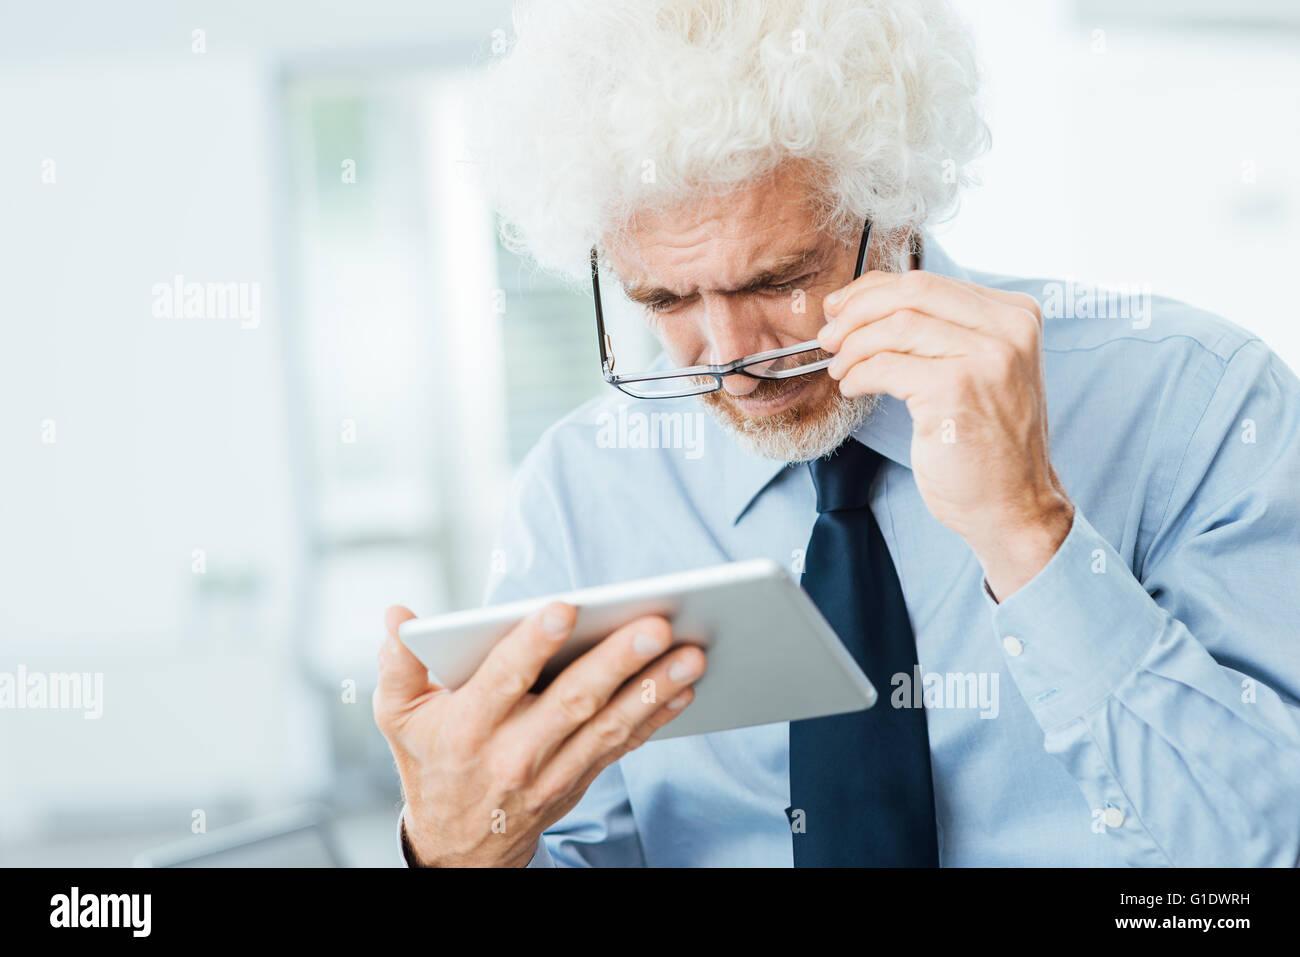 Imprenditore avendo problemi di vista, egli è utilizzando un tablet e regolando i suoi occhiali, ufficio interno Immagini Stock